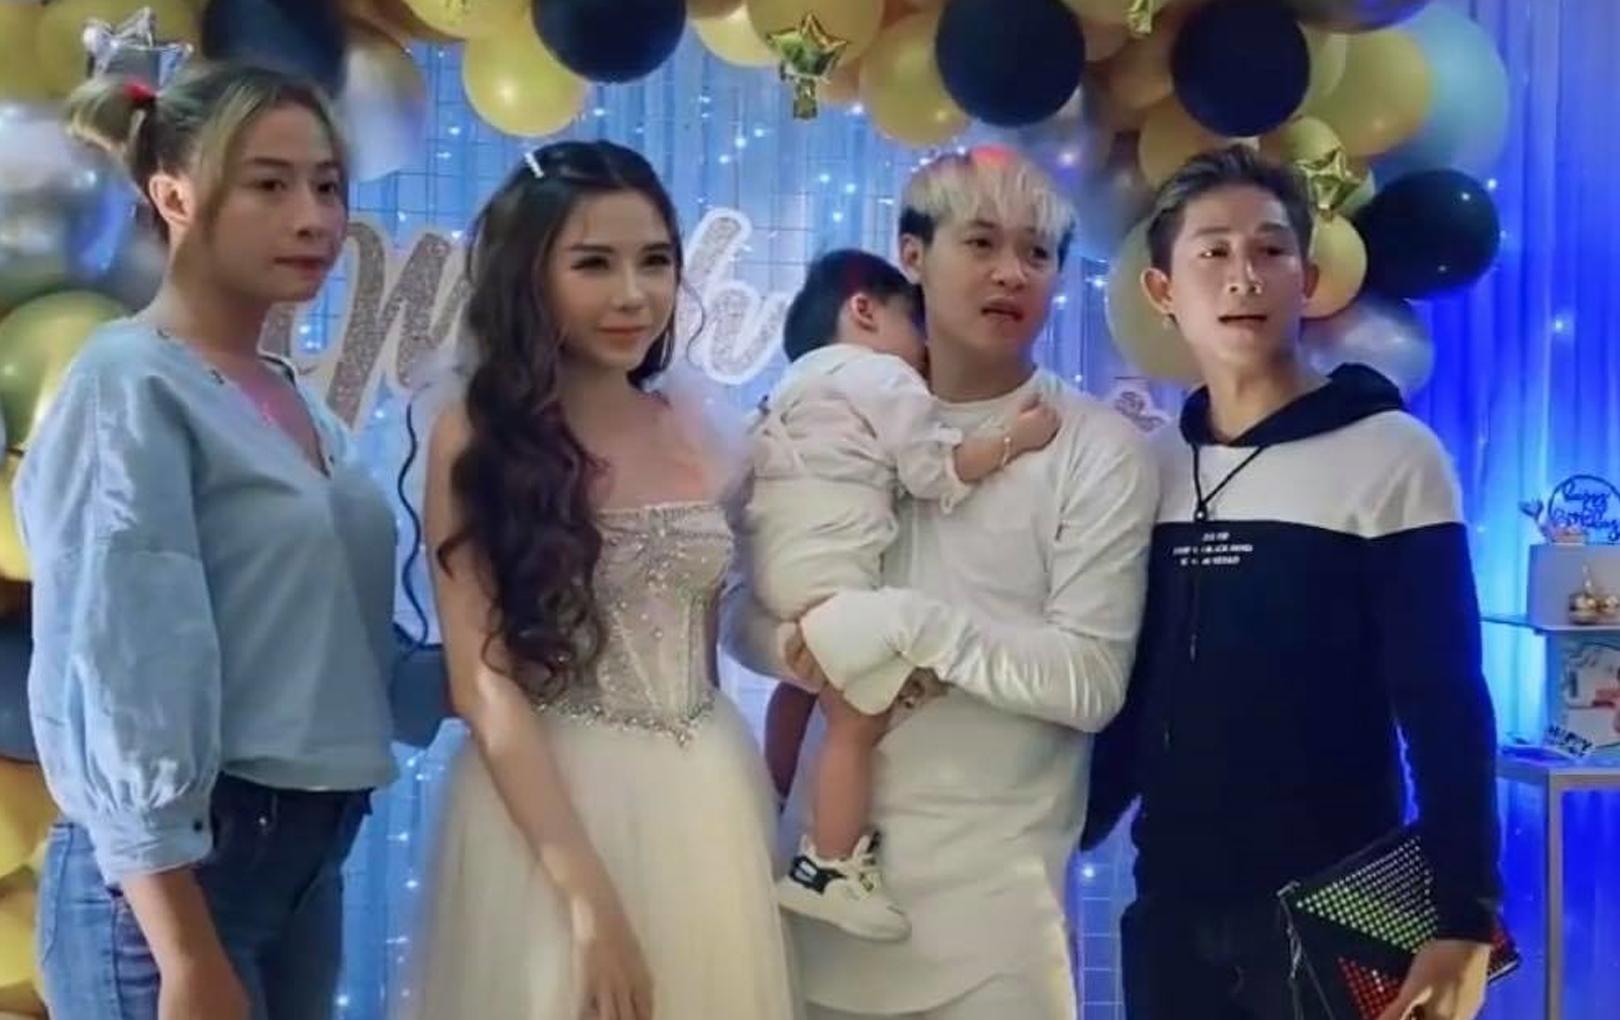 Phản ứng gây bất ngờ của TiTi - Hồ Gia Hùng khi vô tình tham dự chung một bữa tiệc